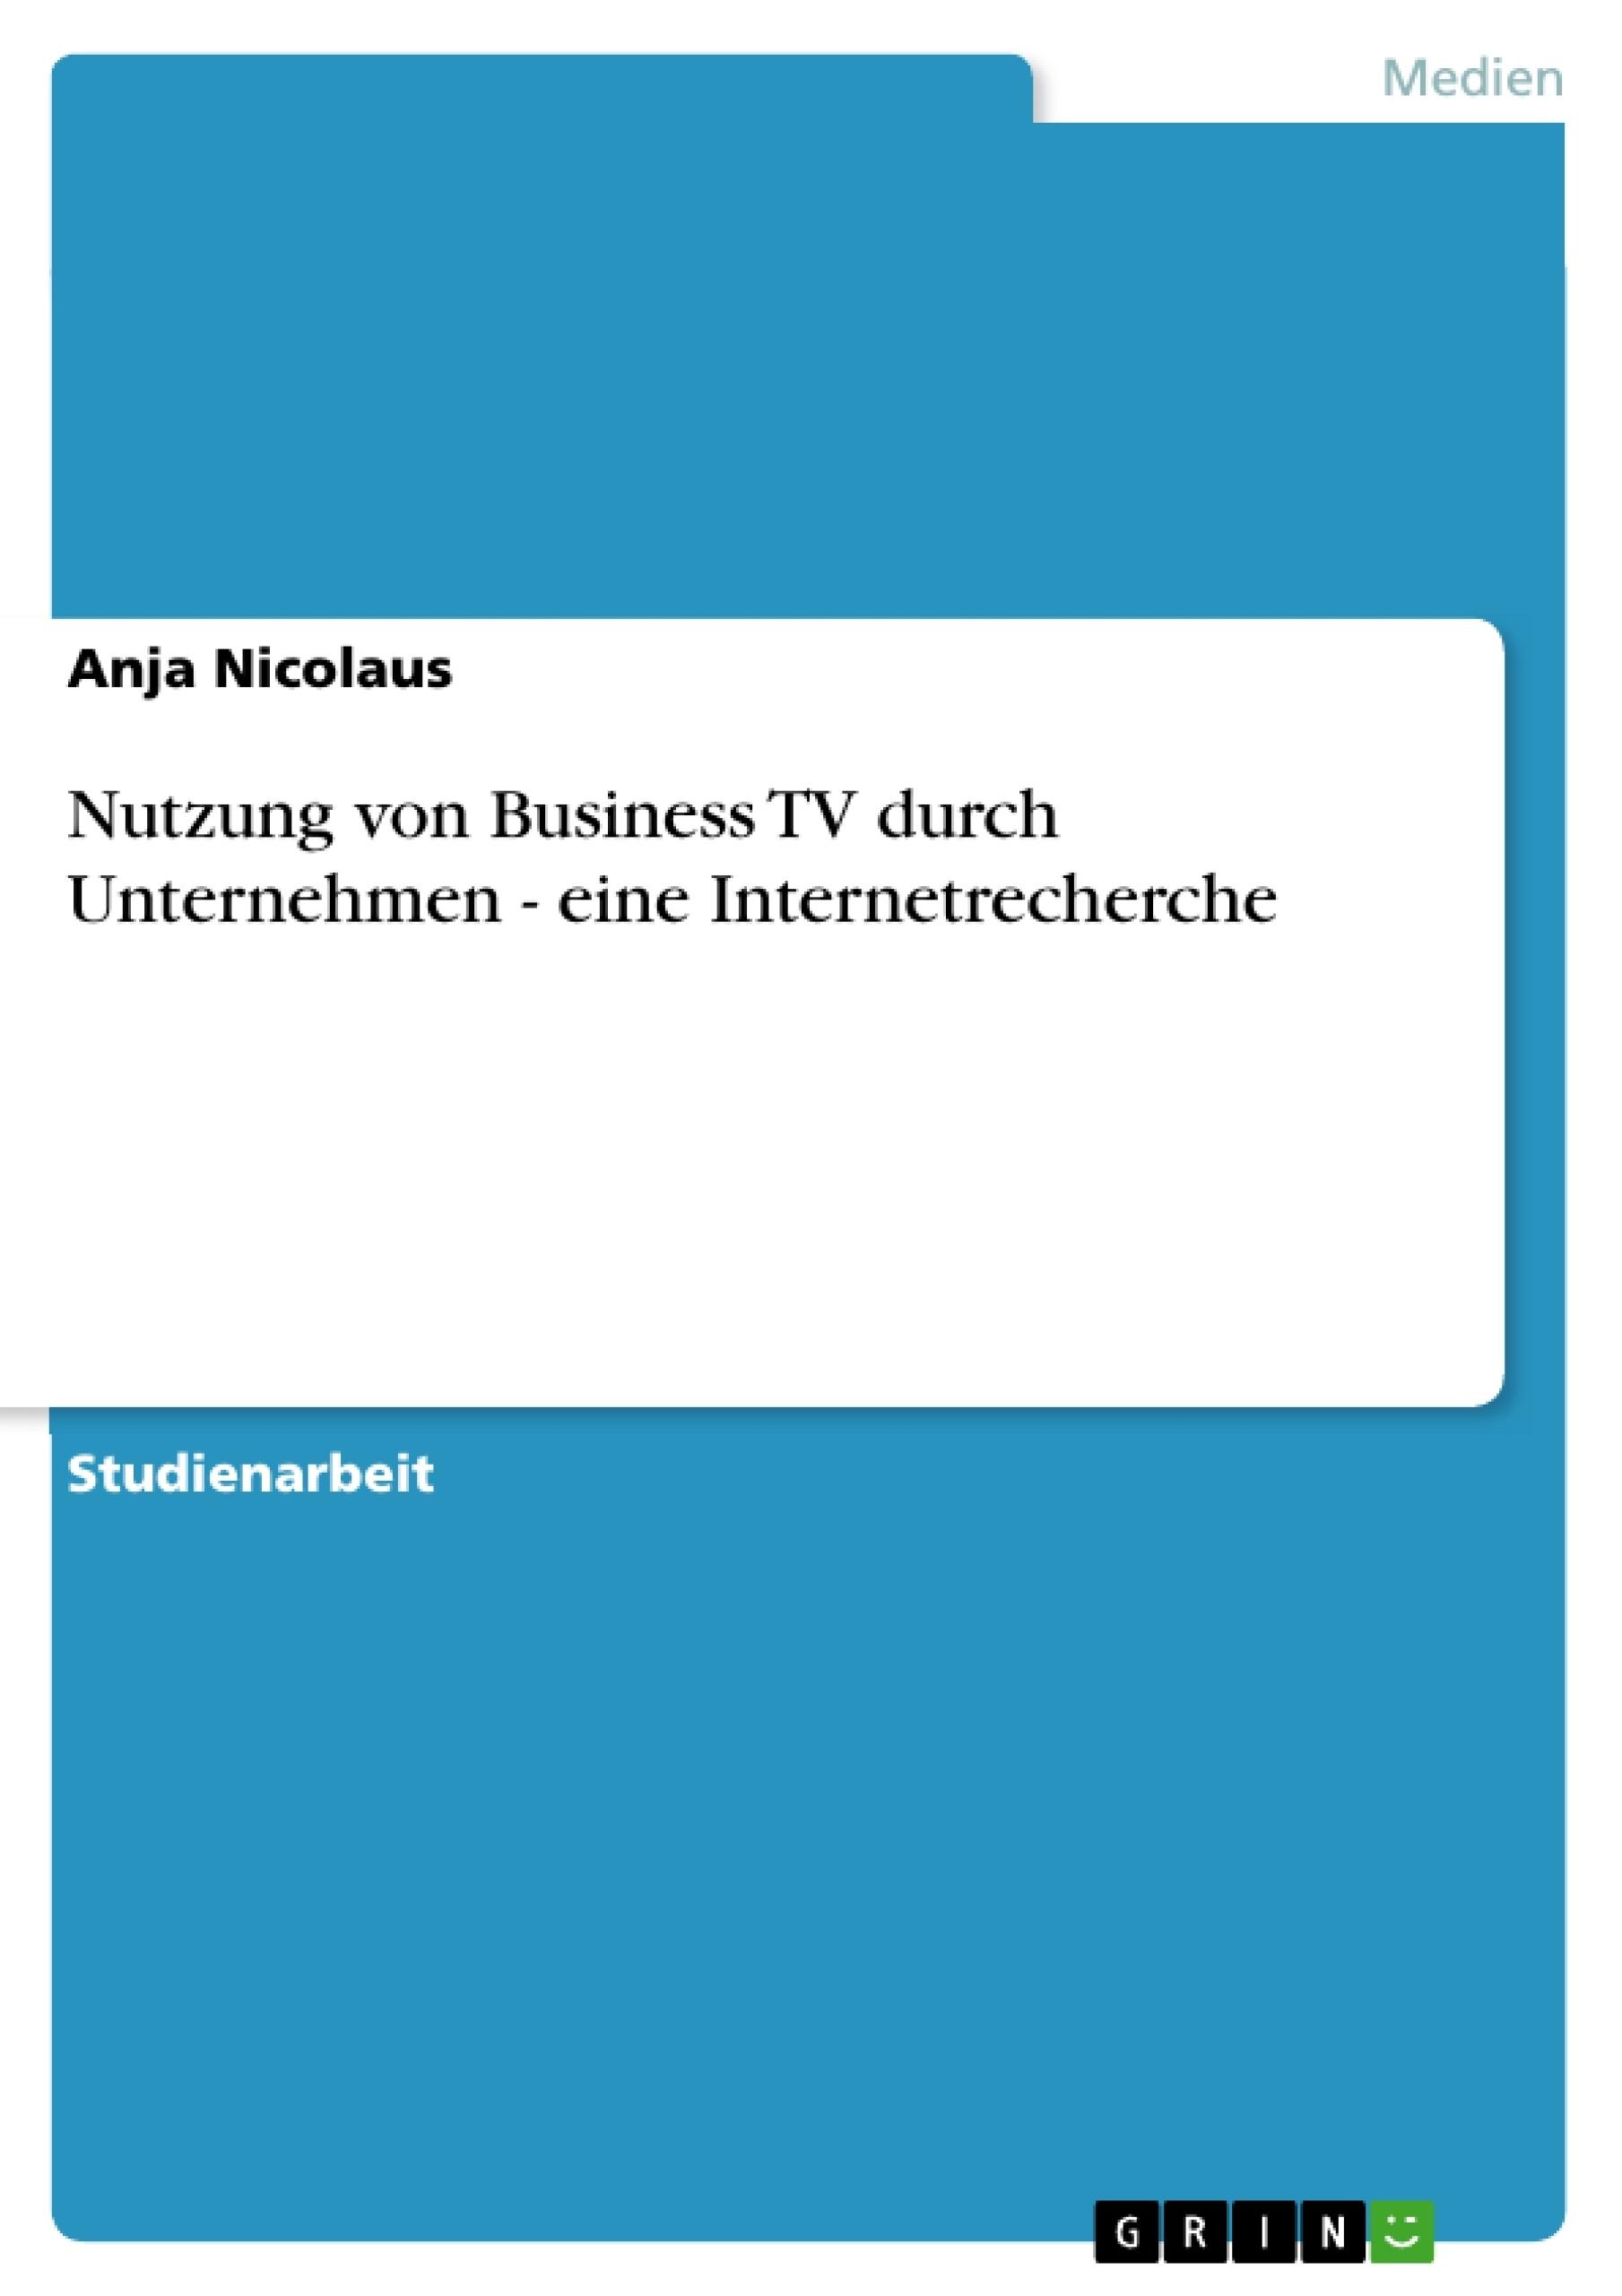 Titel: Nutzung von Business TV durch Unternehmen - eine Internetrecherche